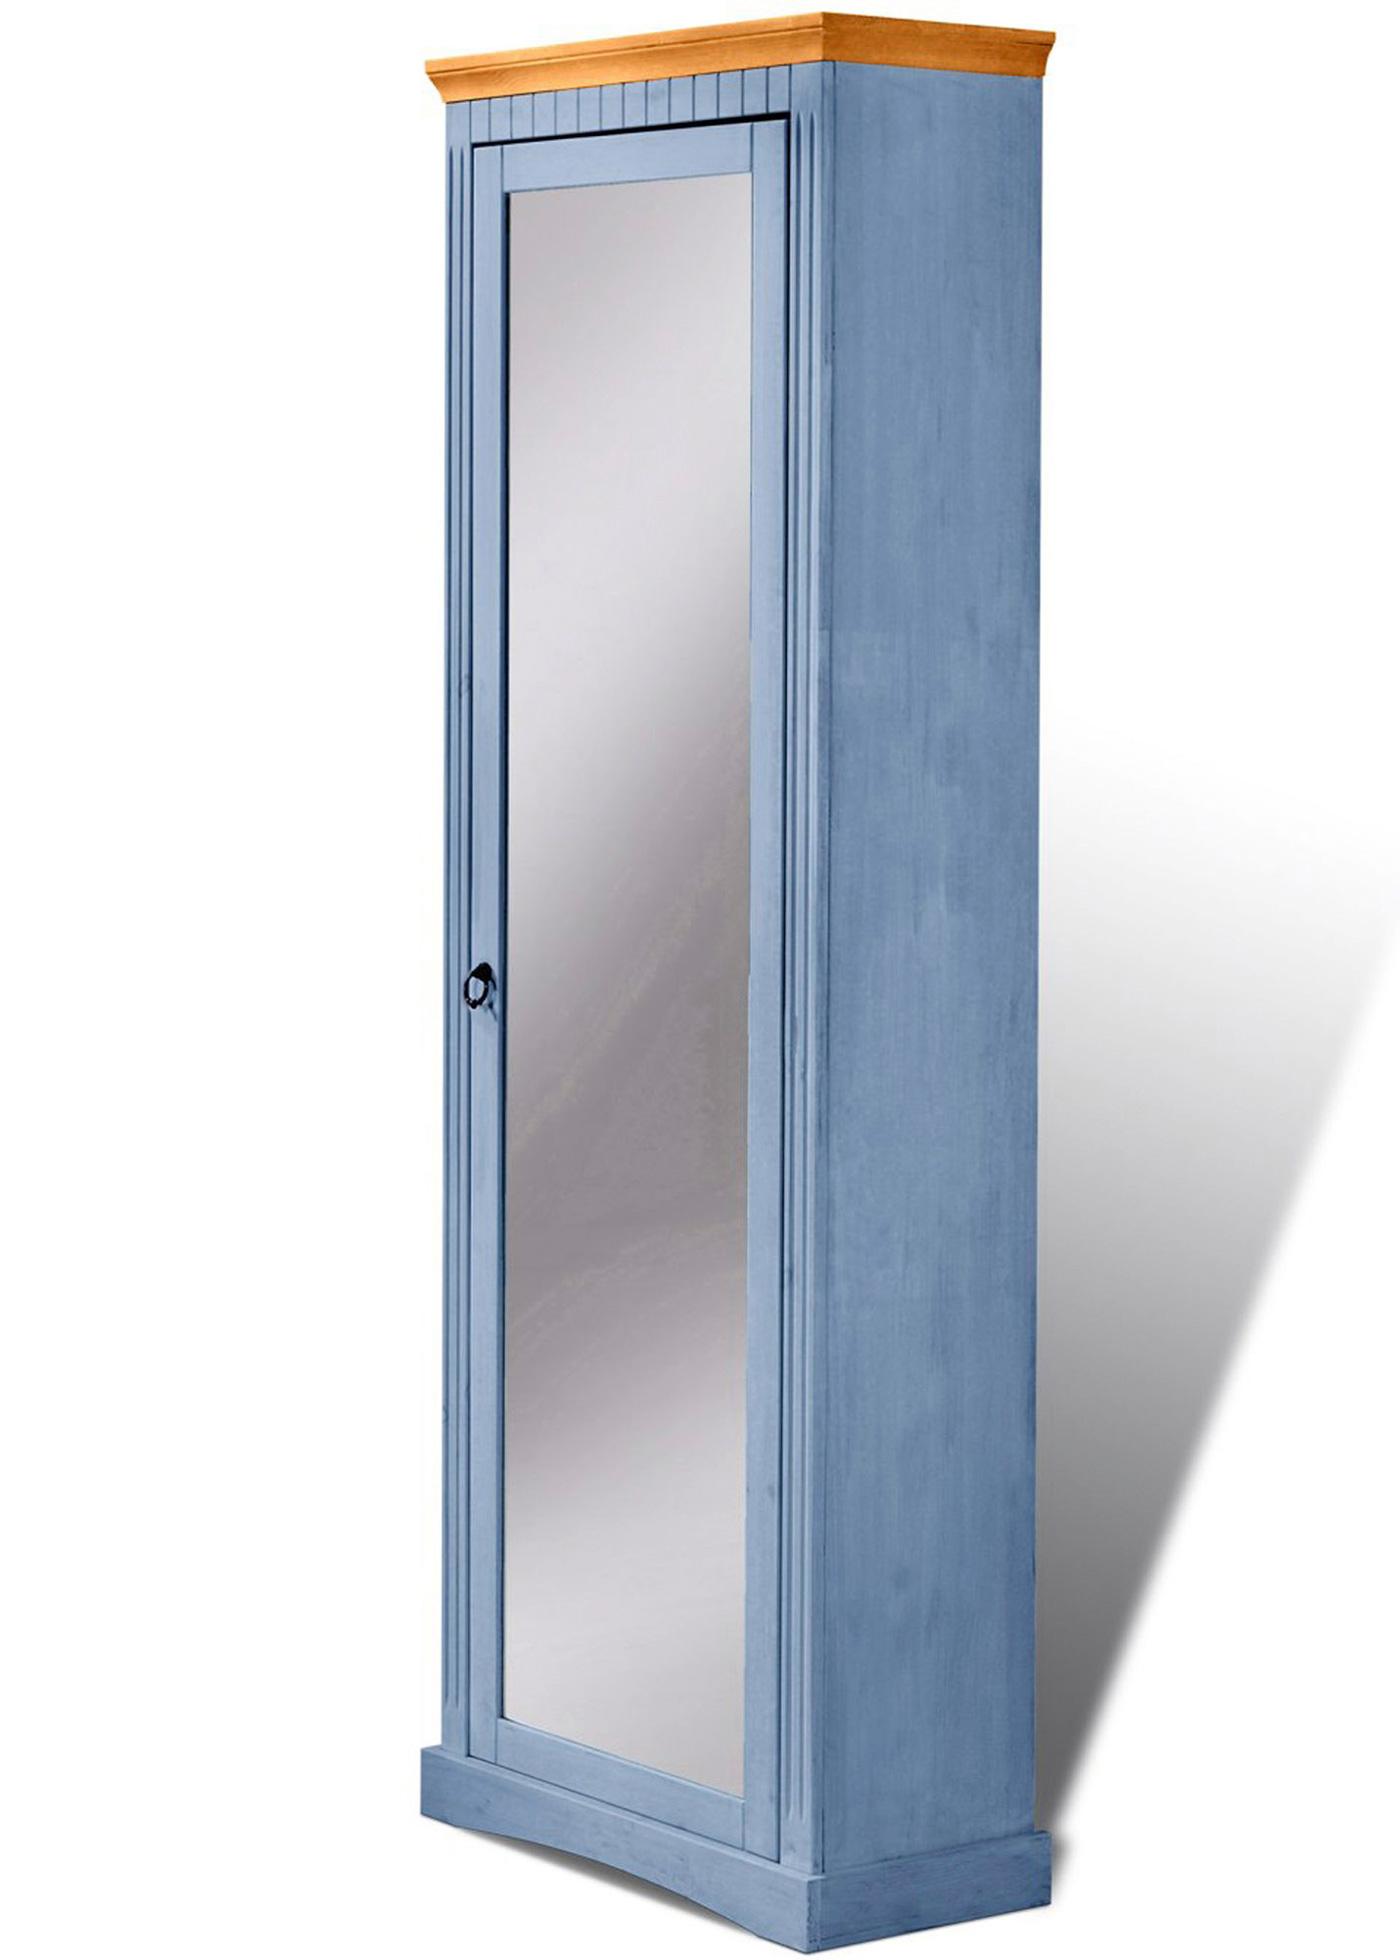 Schuhschrank Napoli mit Spiegel in blau von bonprix Wohnen > Möbel & Dekoration > Schuhschränke